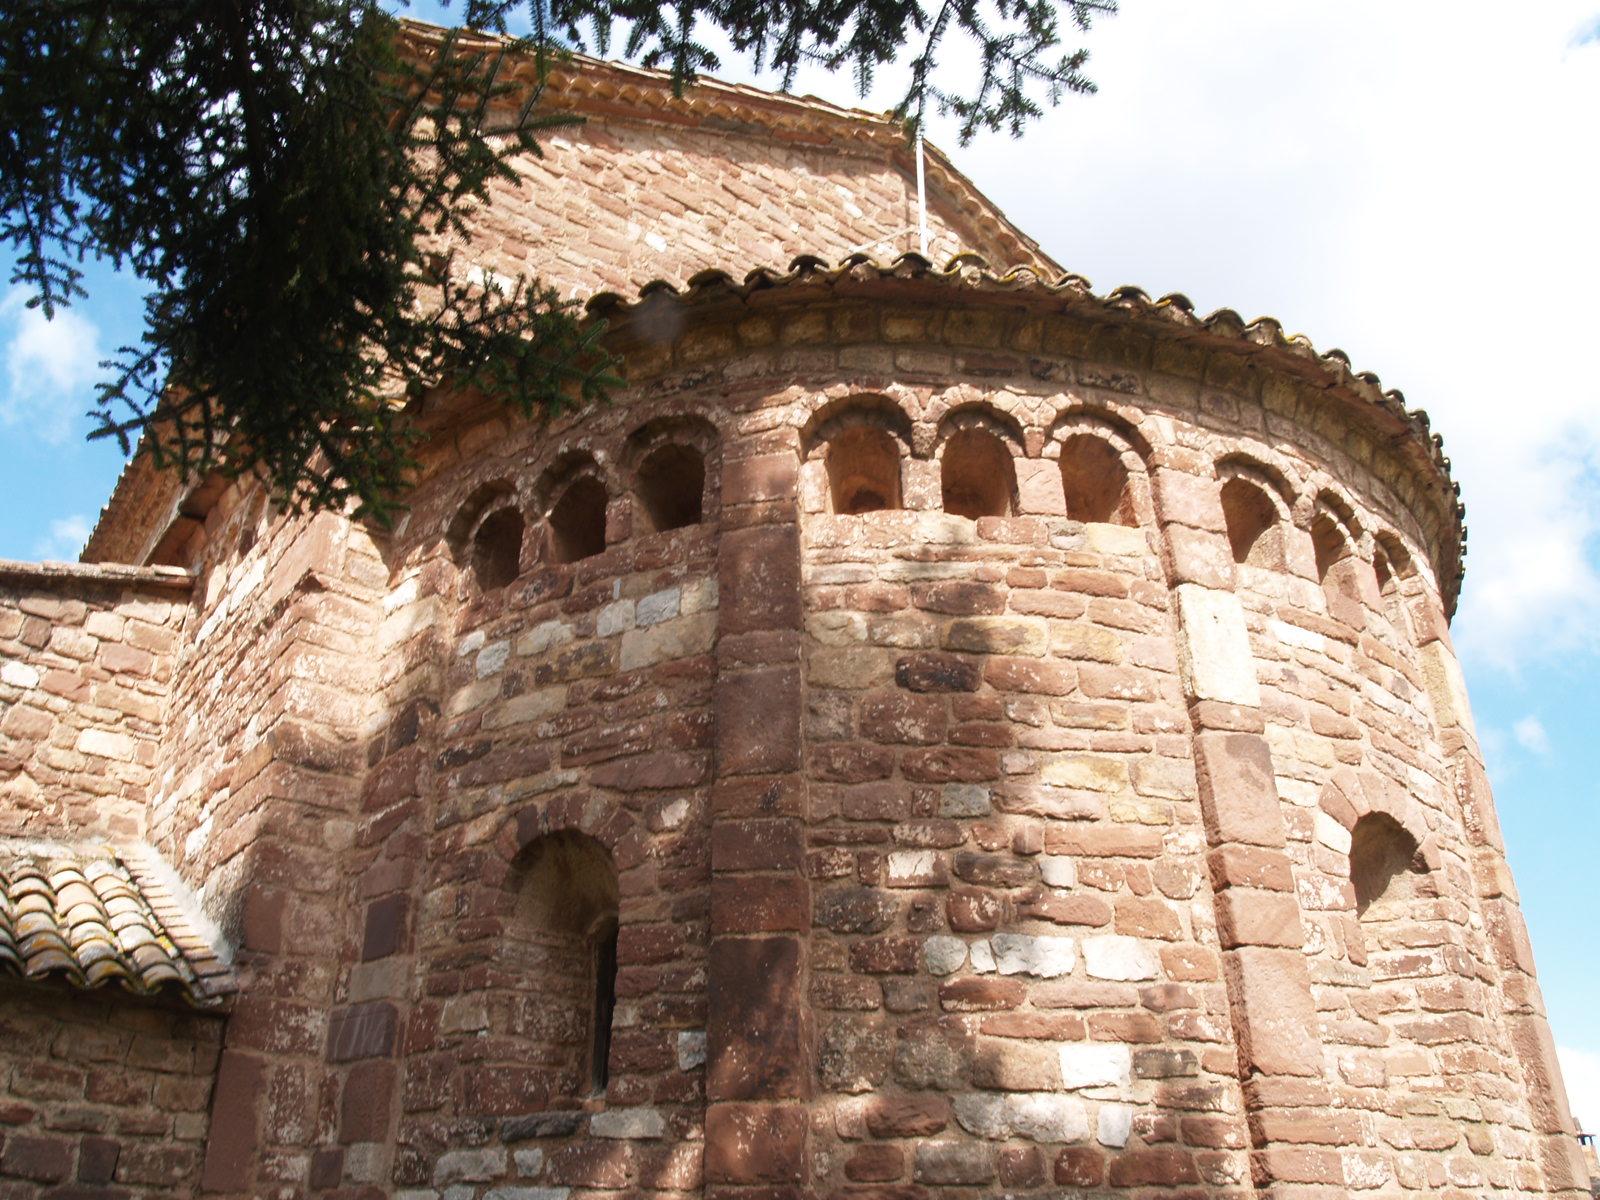 VOLTA DE CANu00d3: SANT MARTu00cd DEL BRULL, OSONA, 1048-1060